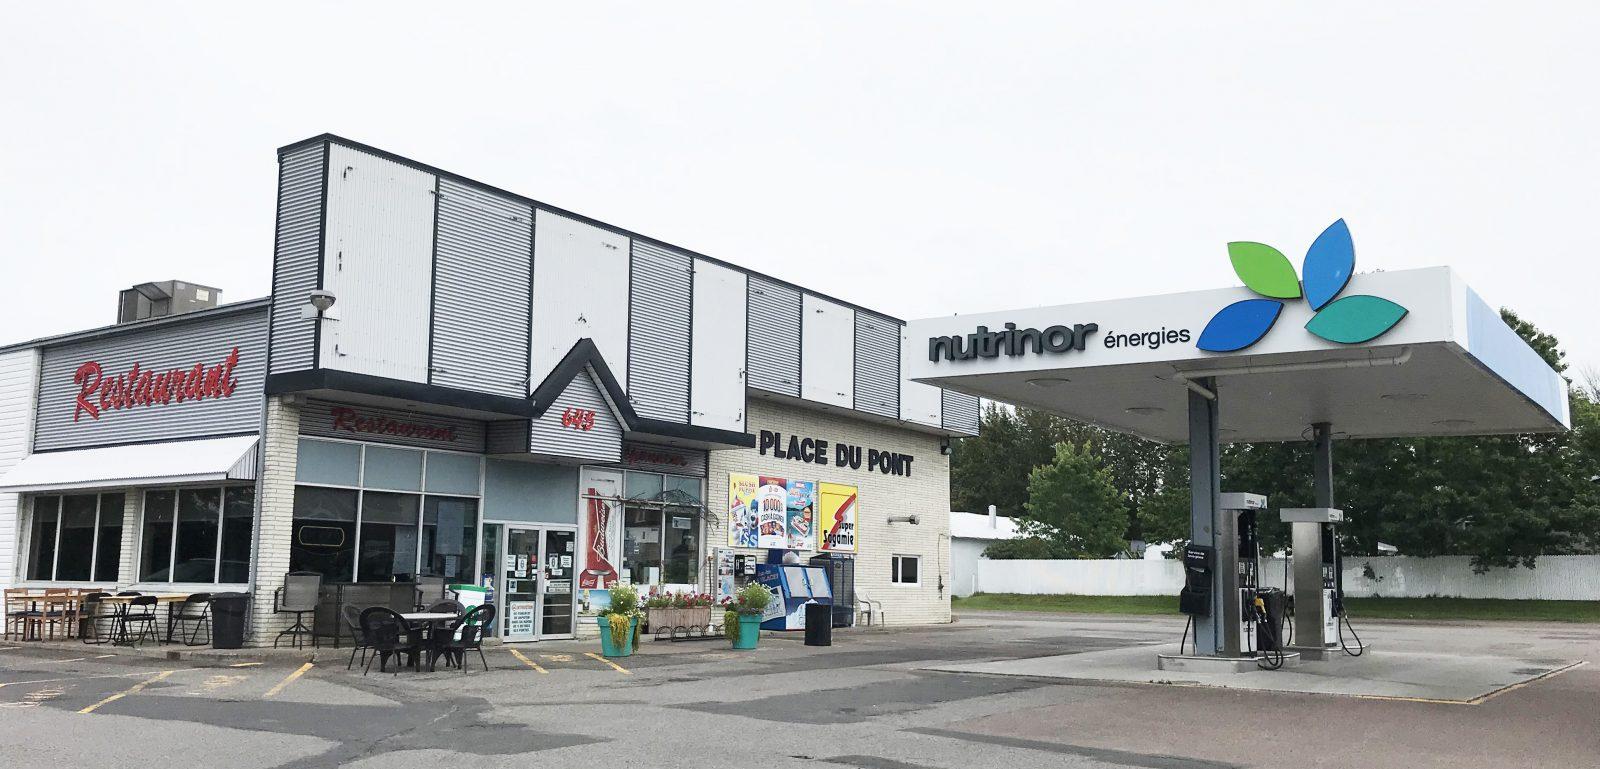 La station-service de Saint-Gédéon achetée par Nutrinor